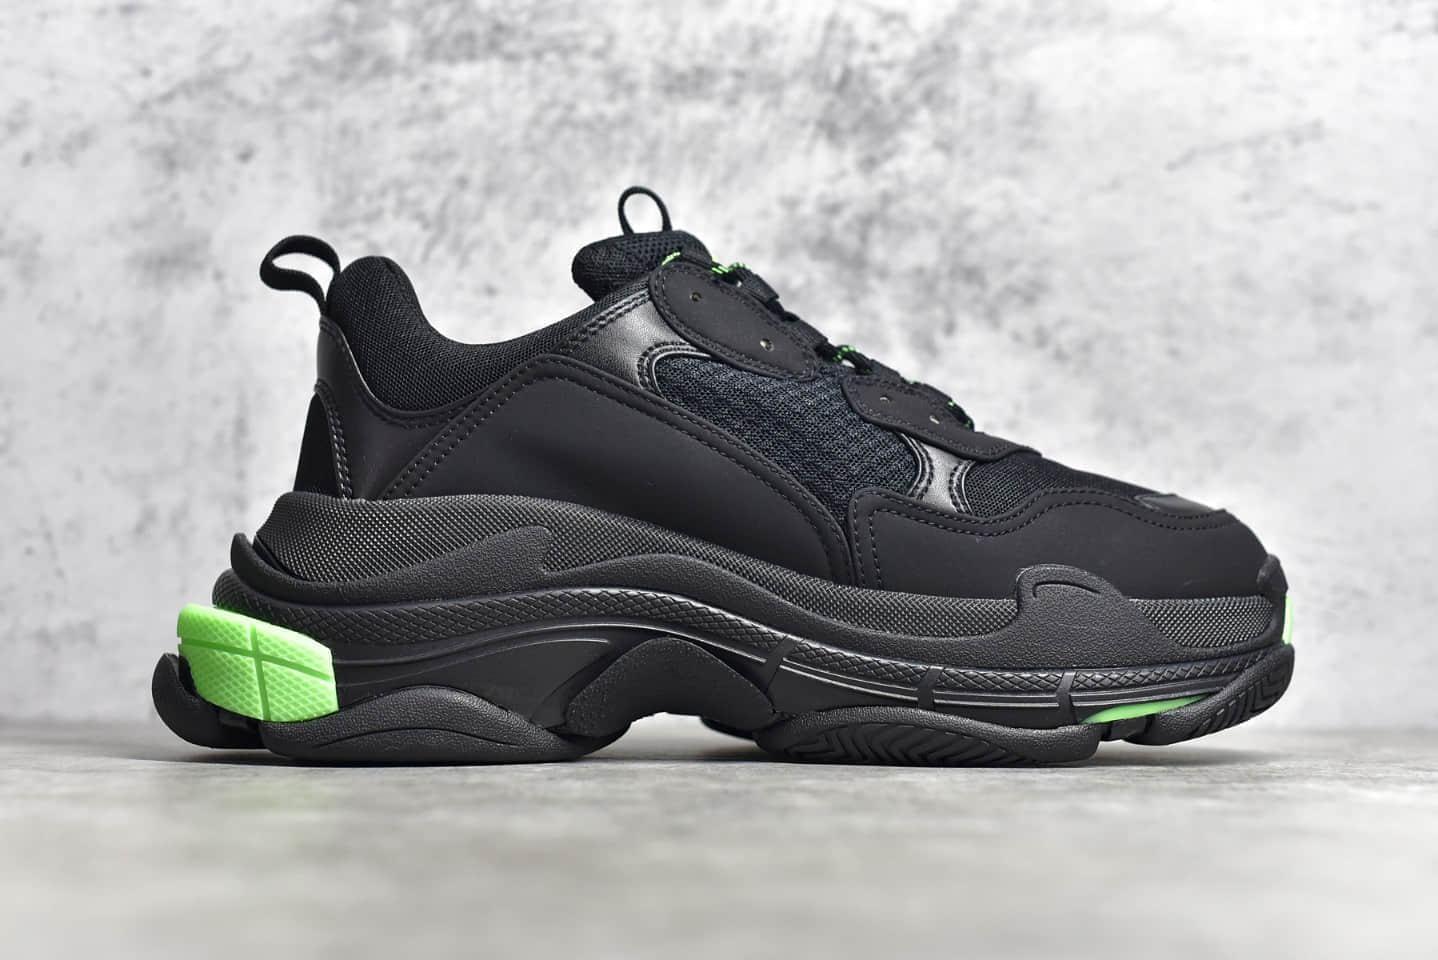 巴黎世家黑绿老爹鞋 巴黎世家一代 Balenciaga Triple S 黑绿 巴黎世家意产19官方发售版本-潮流者之家